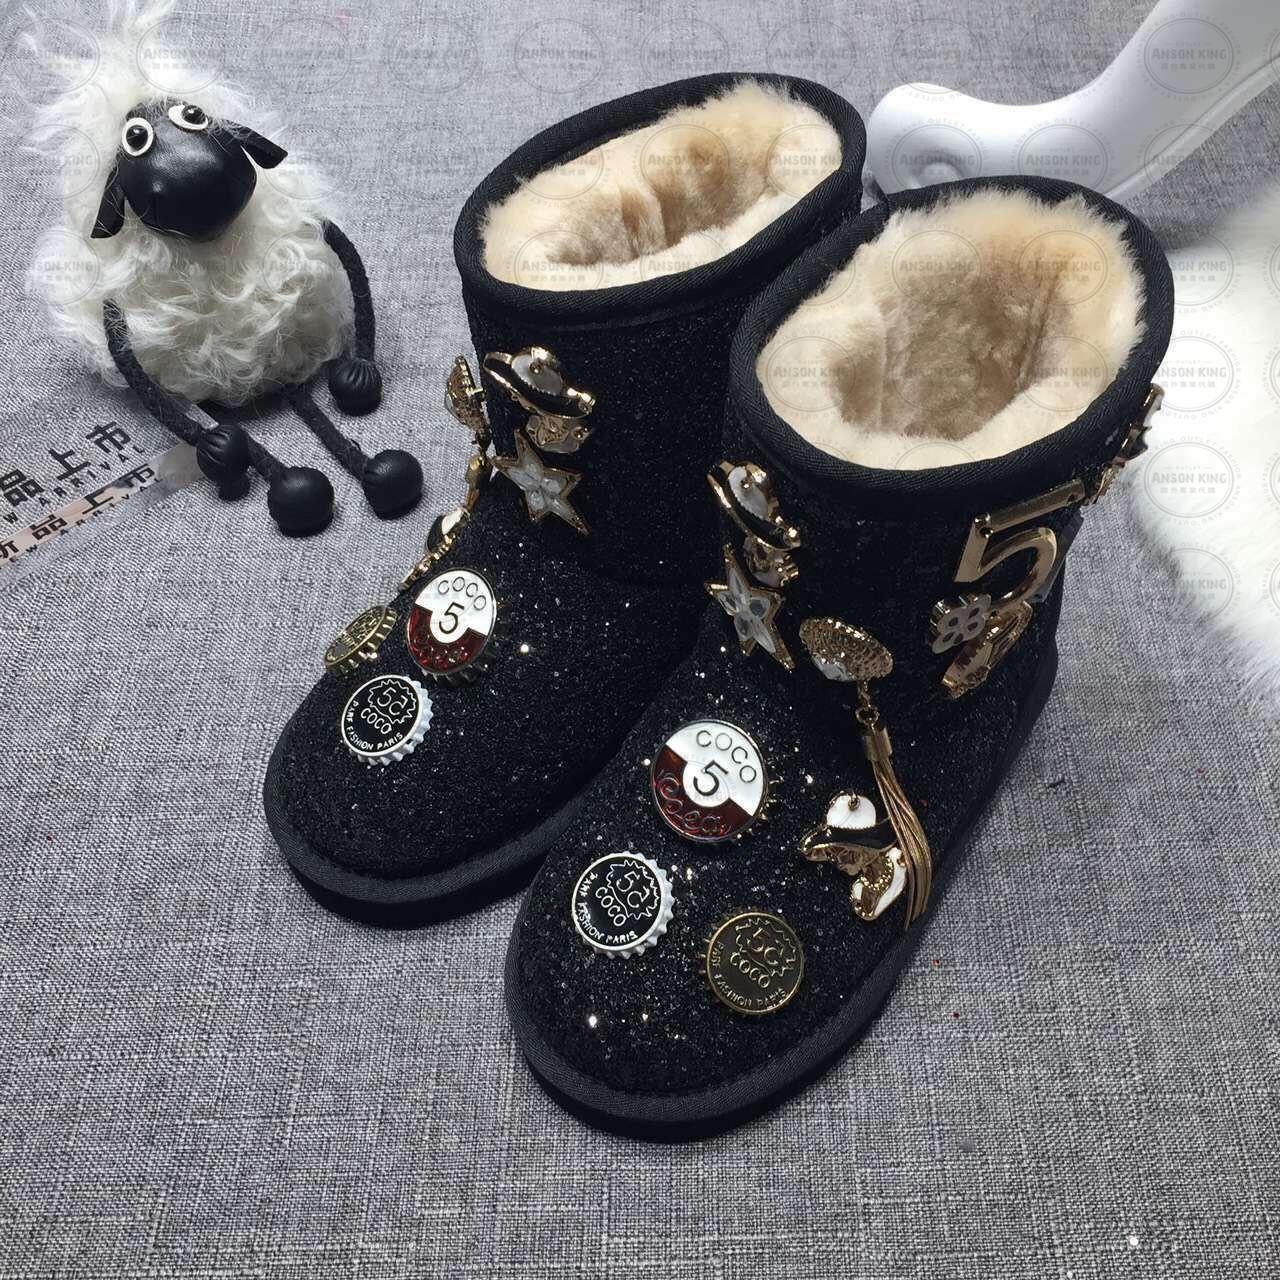 OUTLET正品代購 澳洲 UGG 聖誕款徽章 兒童雪靴 中長靴 保暖 真皮羊皮毛 雪靴 短靴 黑色